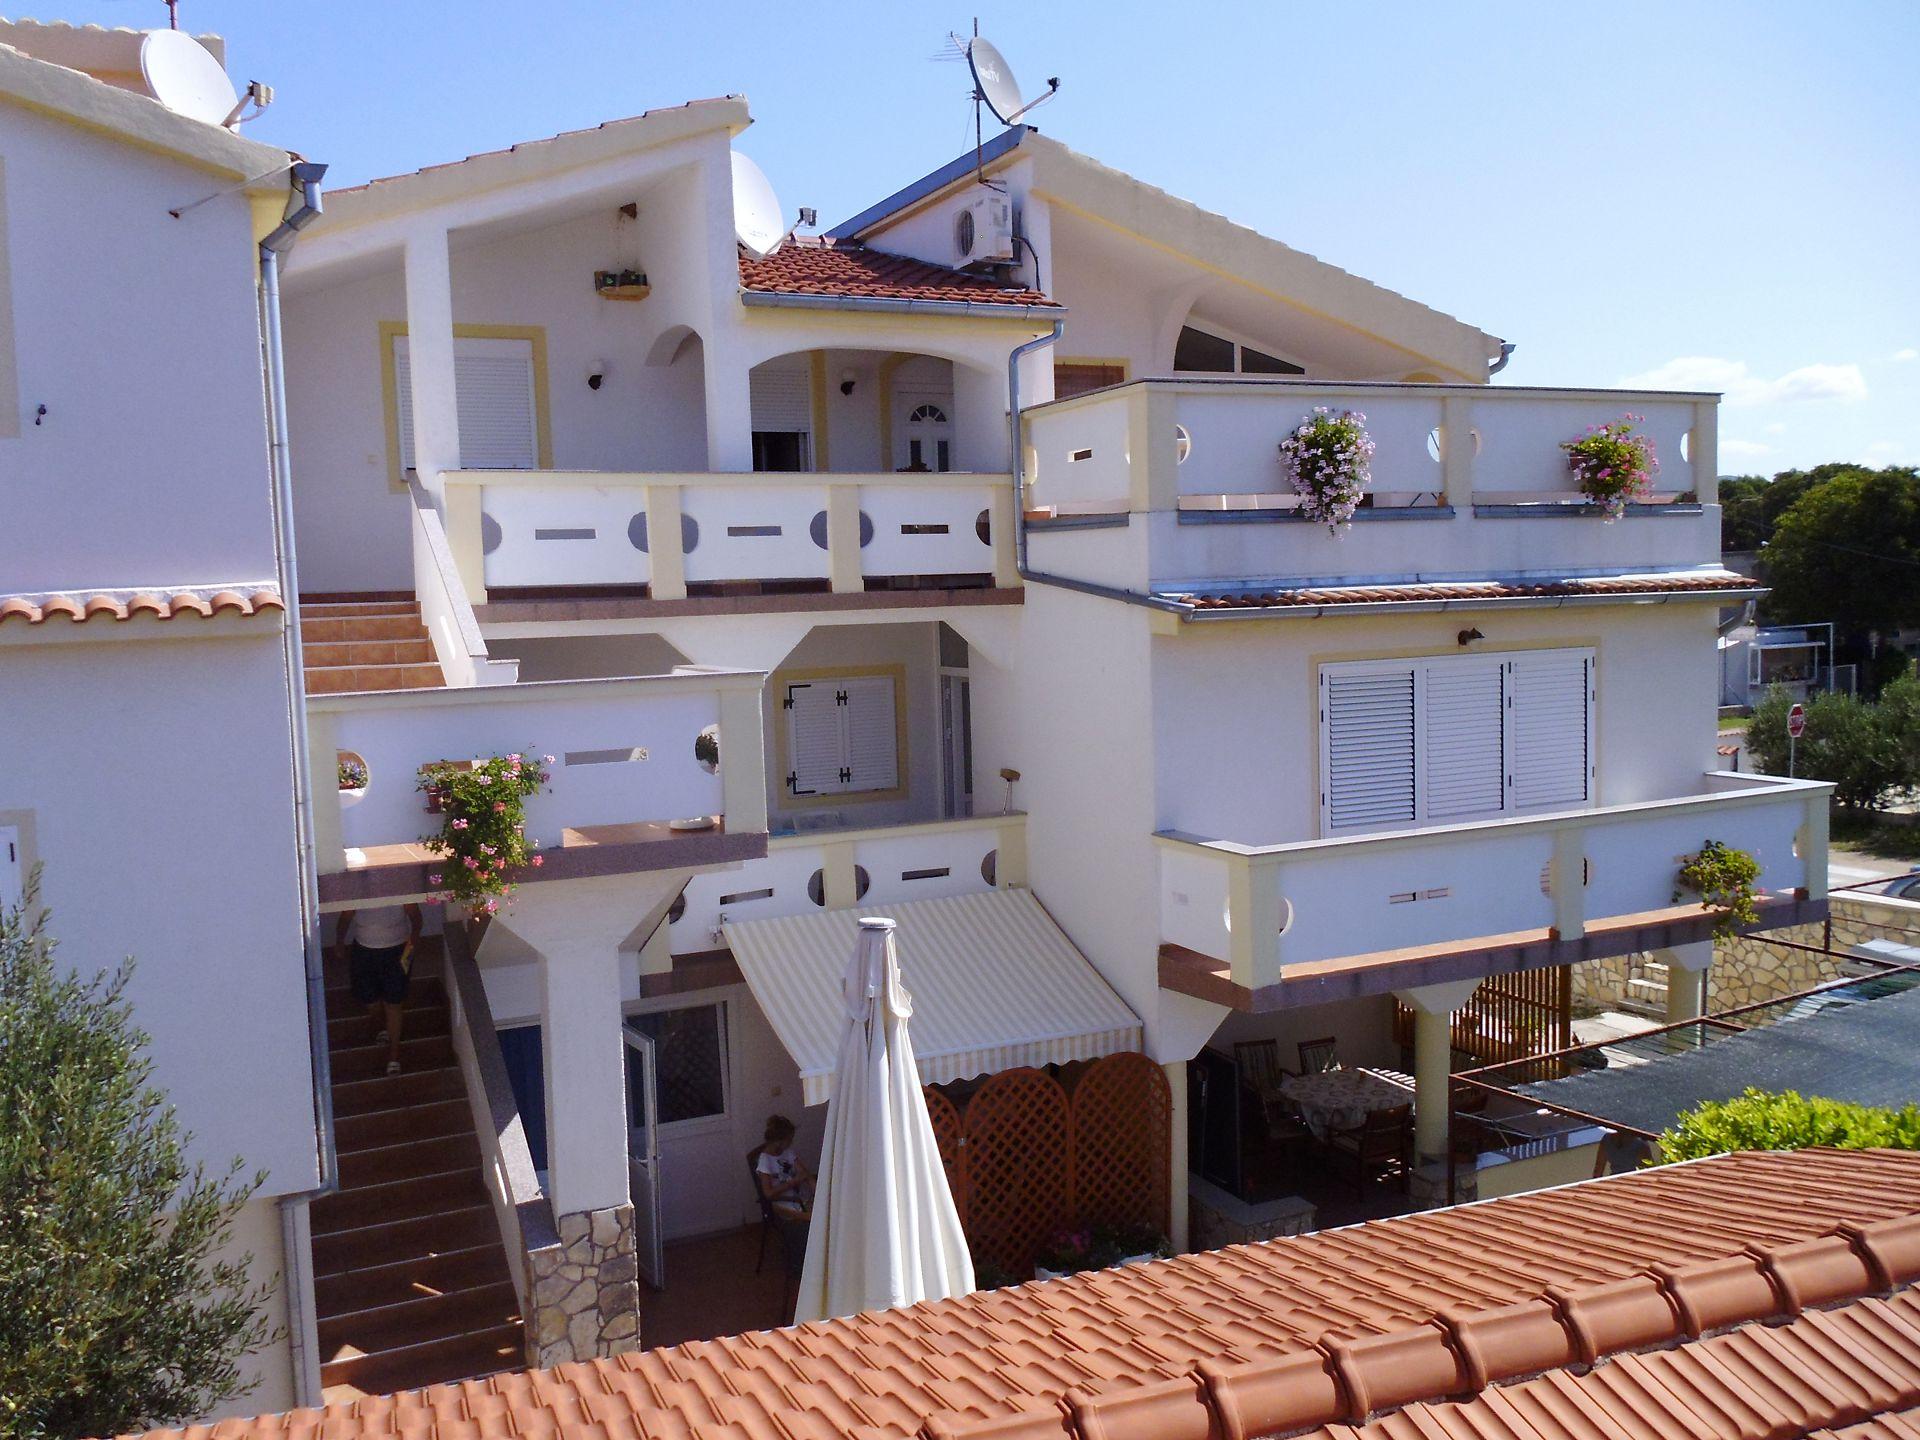 A00106PIRO - Pirovac - Ferienwohnungen Kroatien - Haus